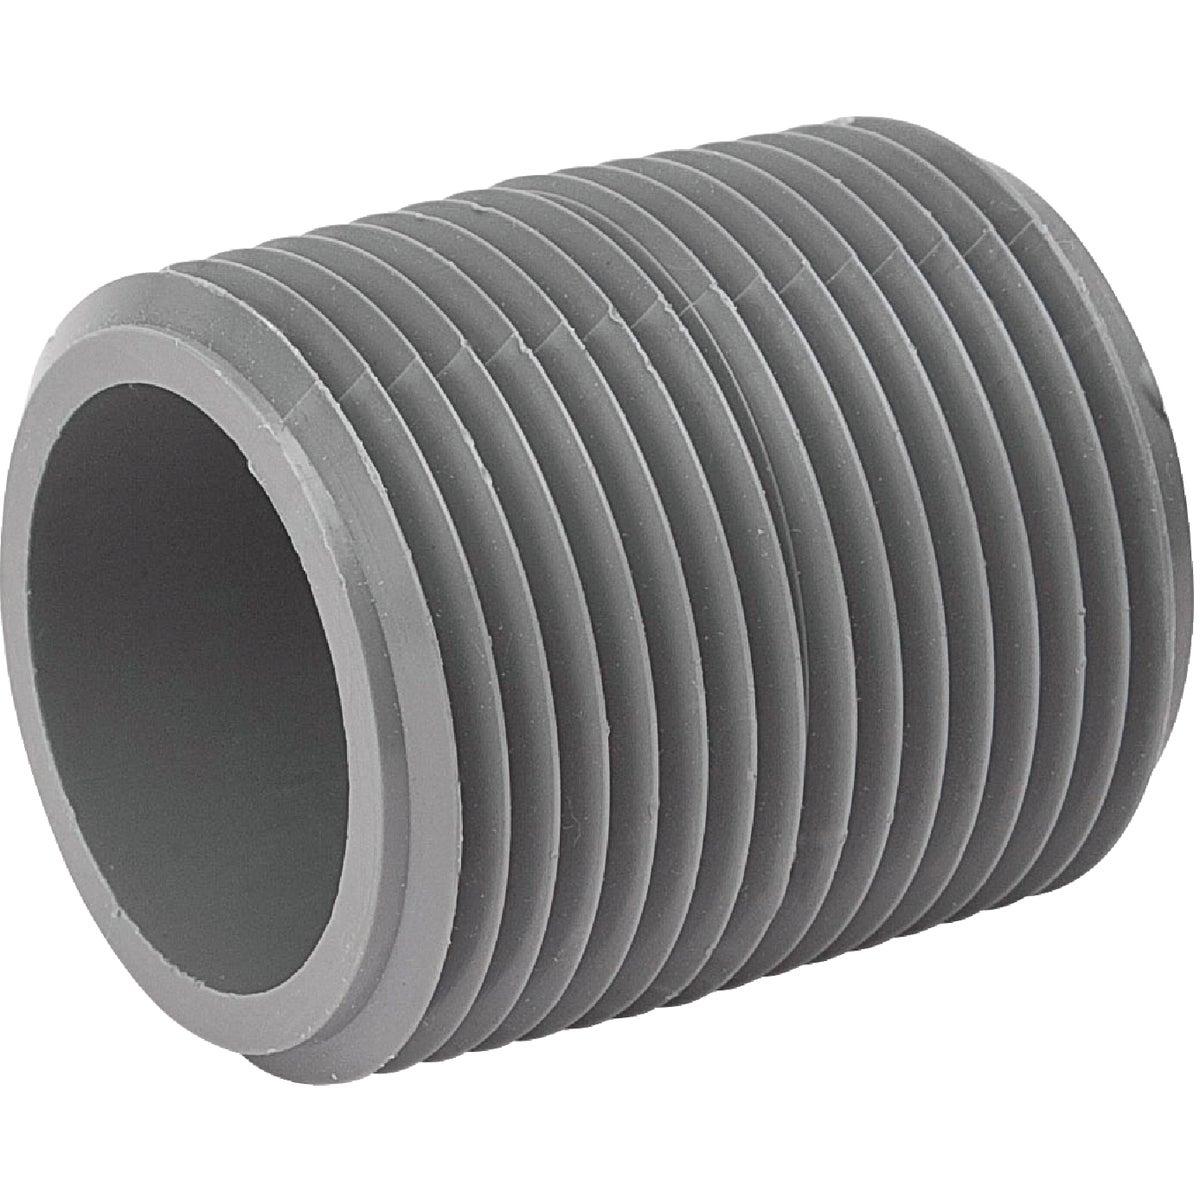 1XCL PVC NIPPLE - 405-001 by Mueller B K